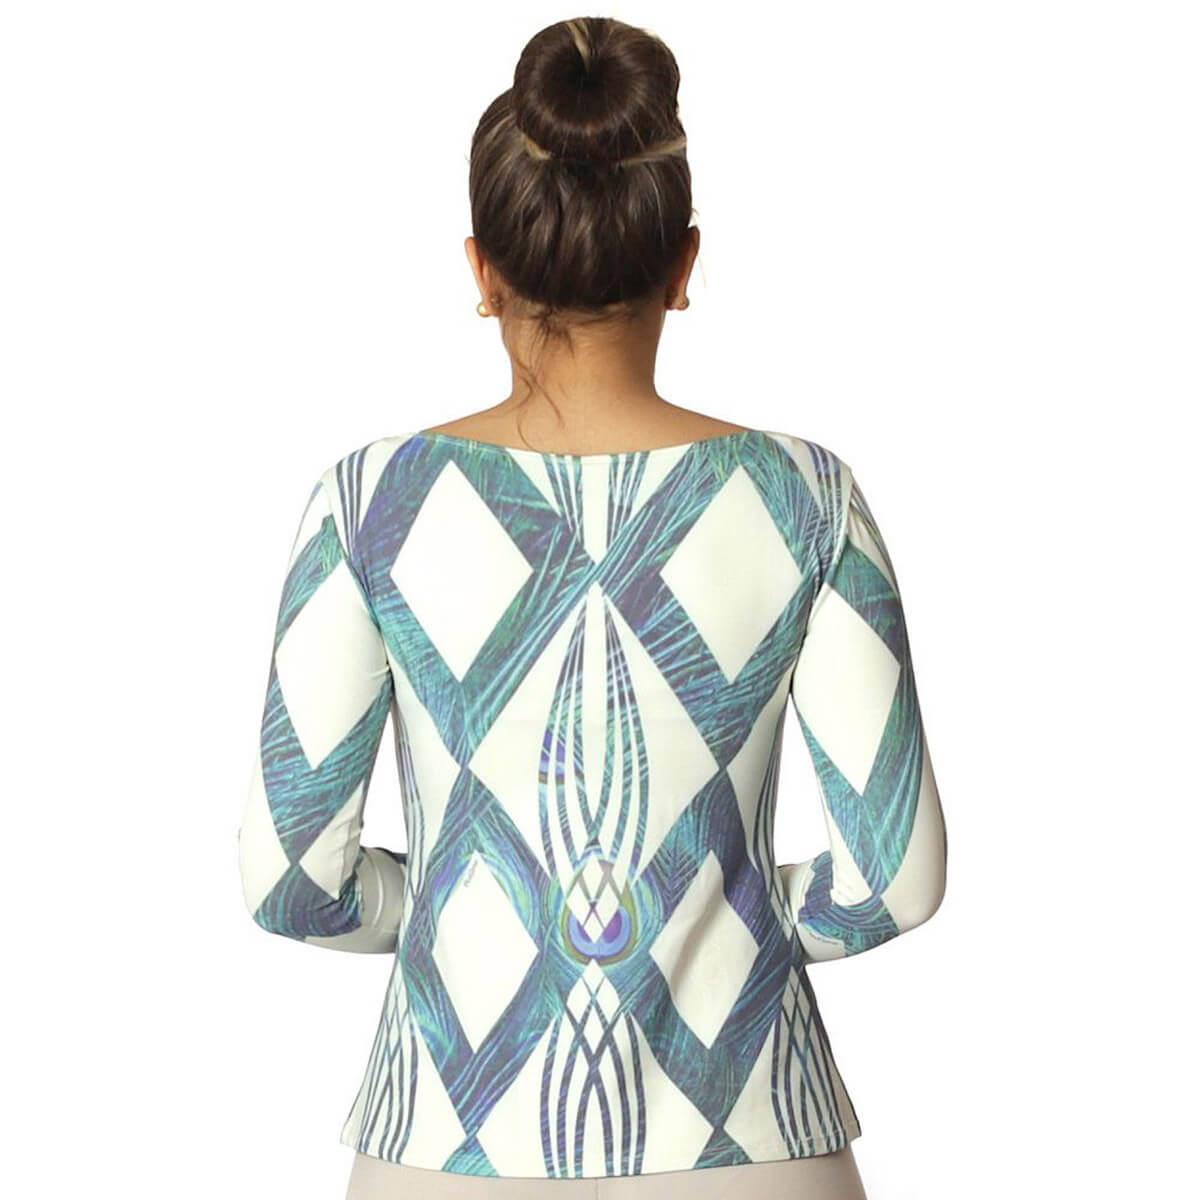 Blusa Feminina com Proteção Solar UV Estampa Geométrica Exclusiva Azul com Penas de Pavão Decote Canoa Evasê